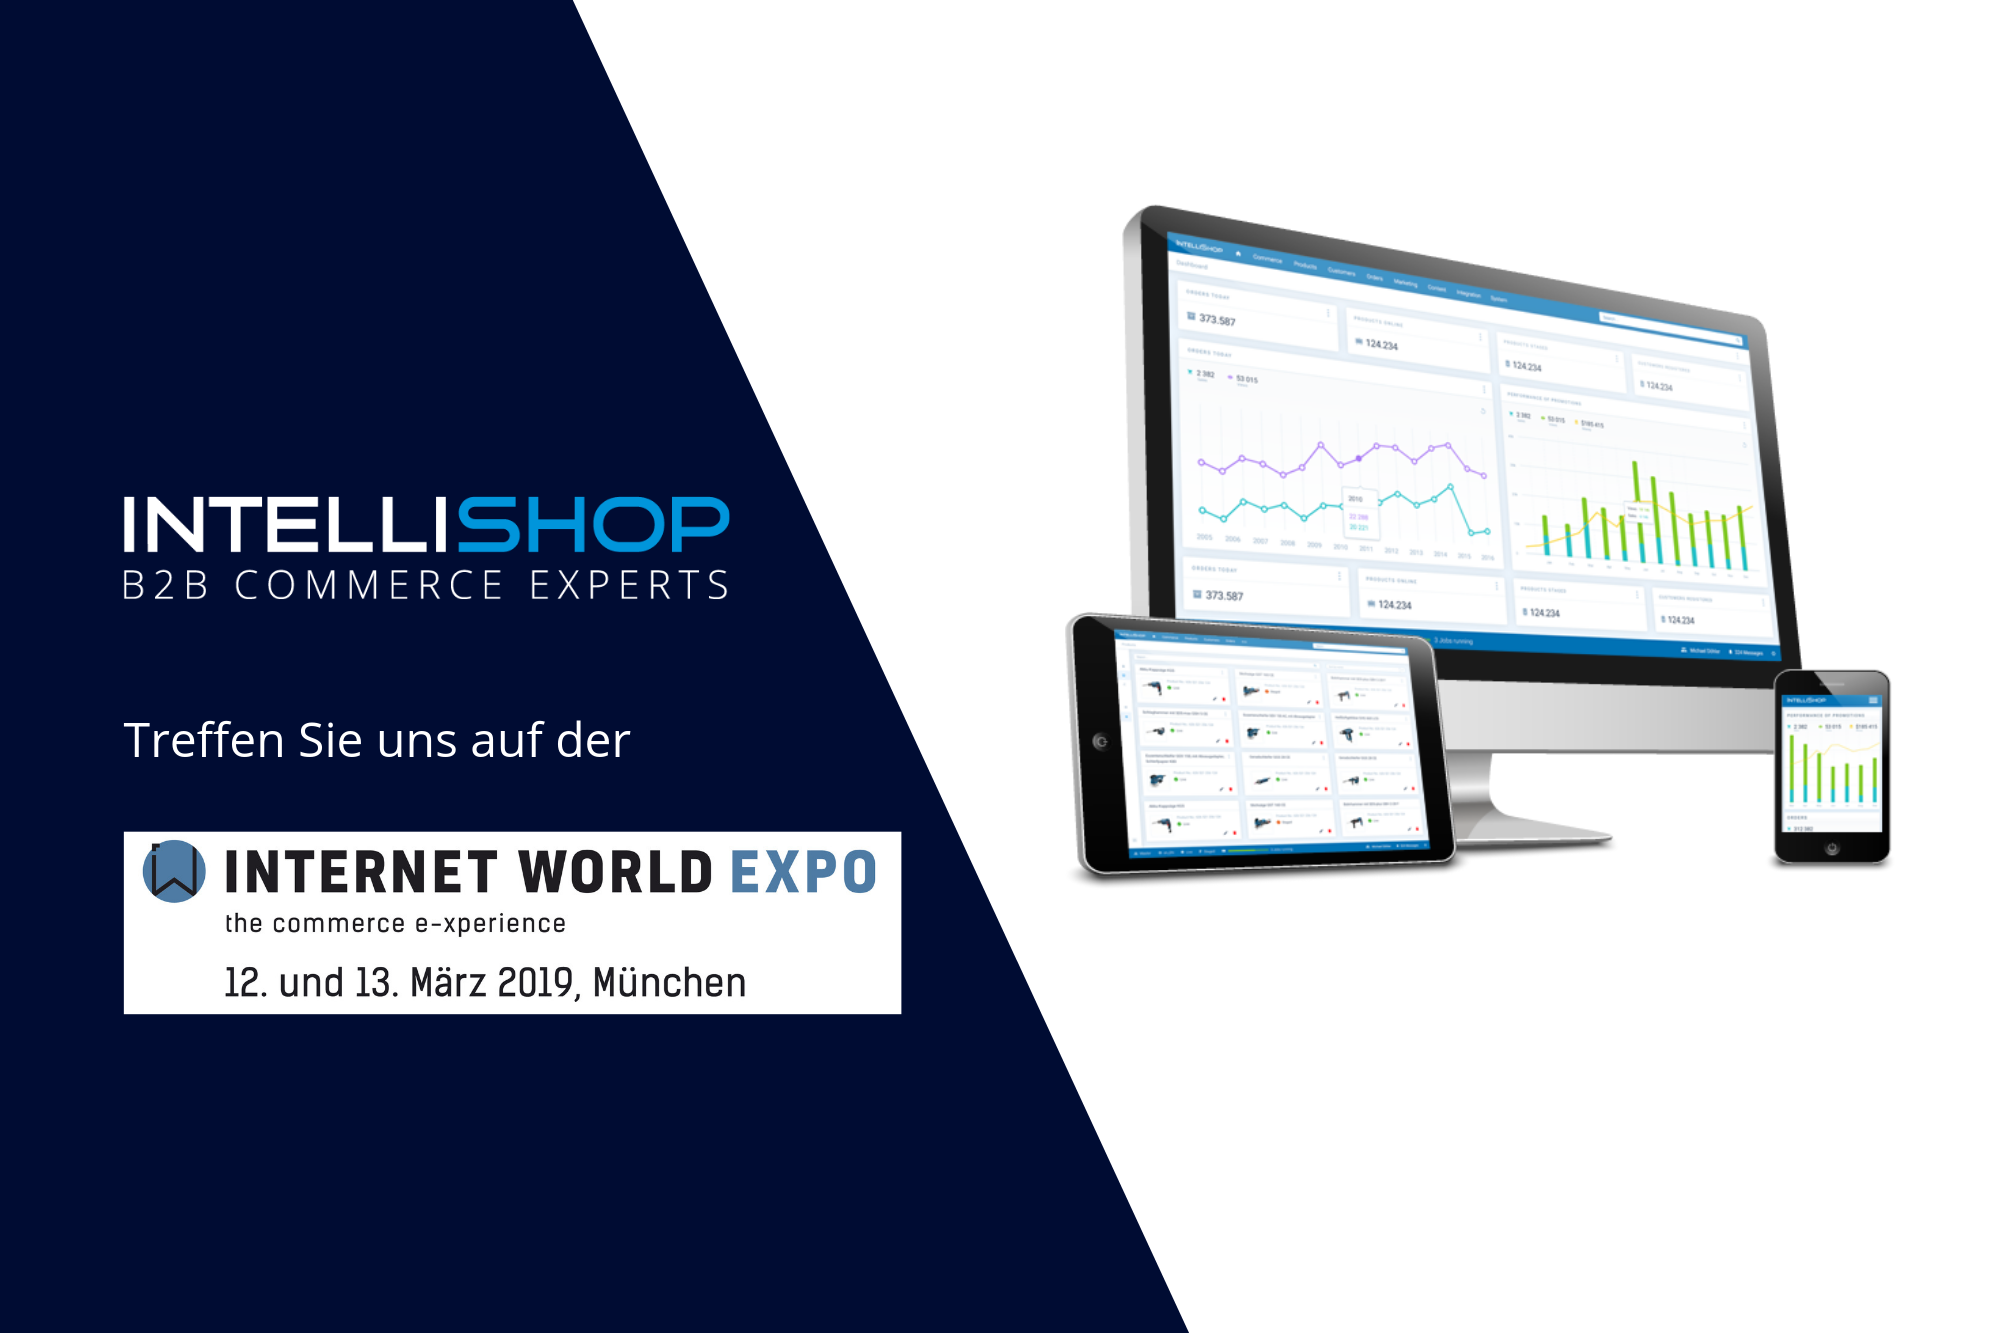 IntelliShop-Messe-Internet World Expo